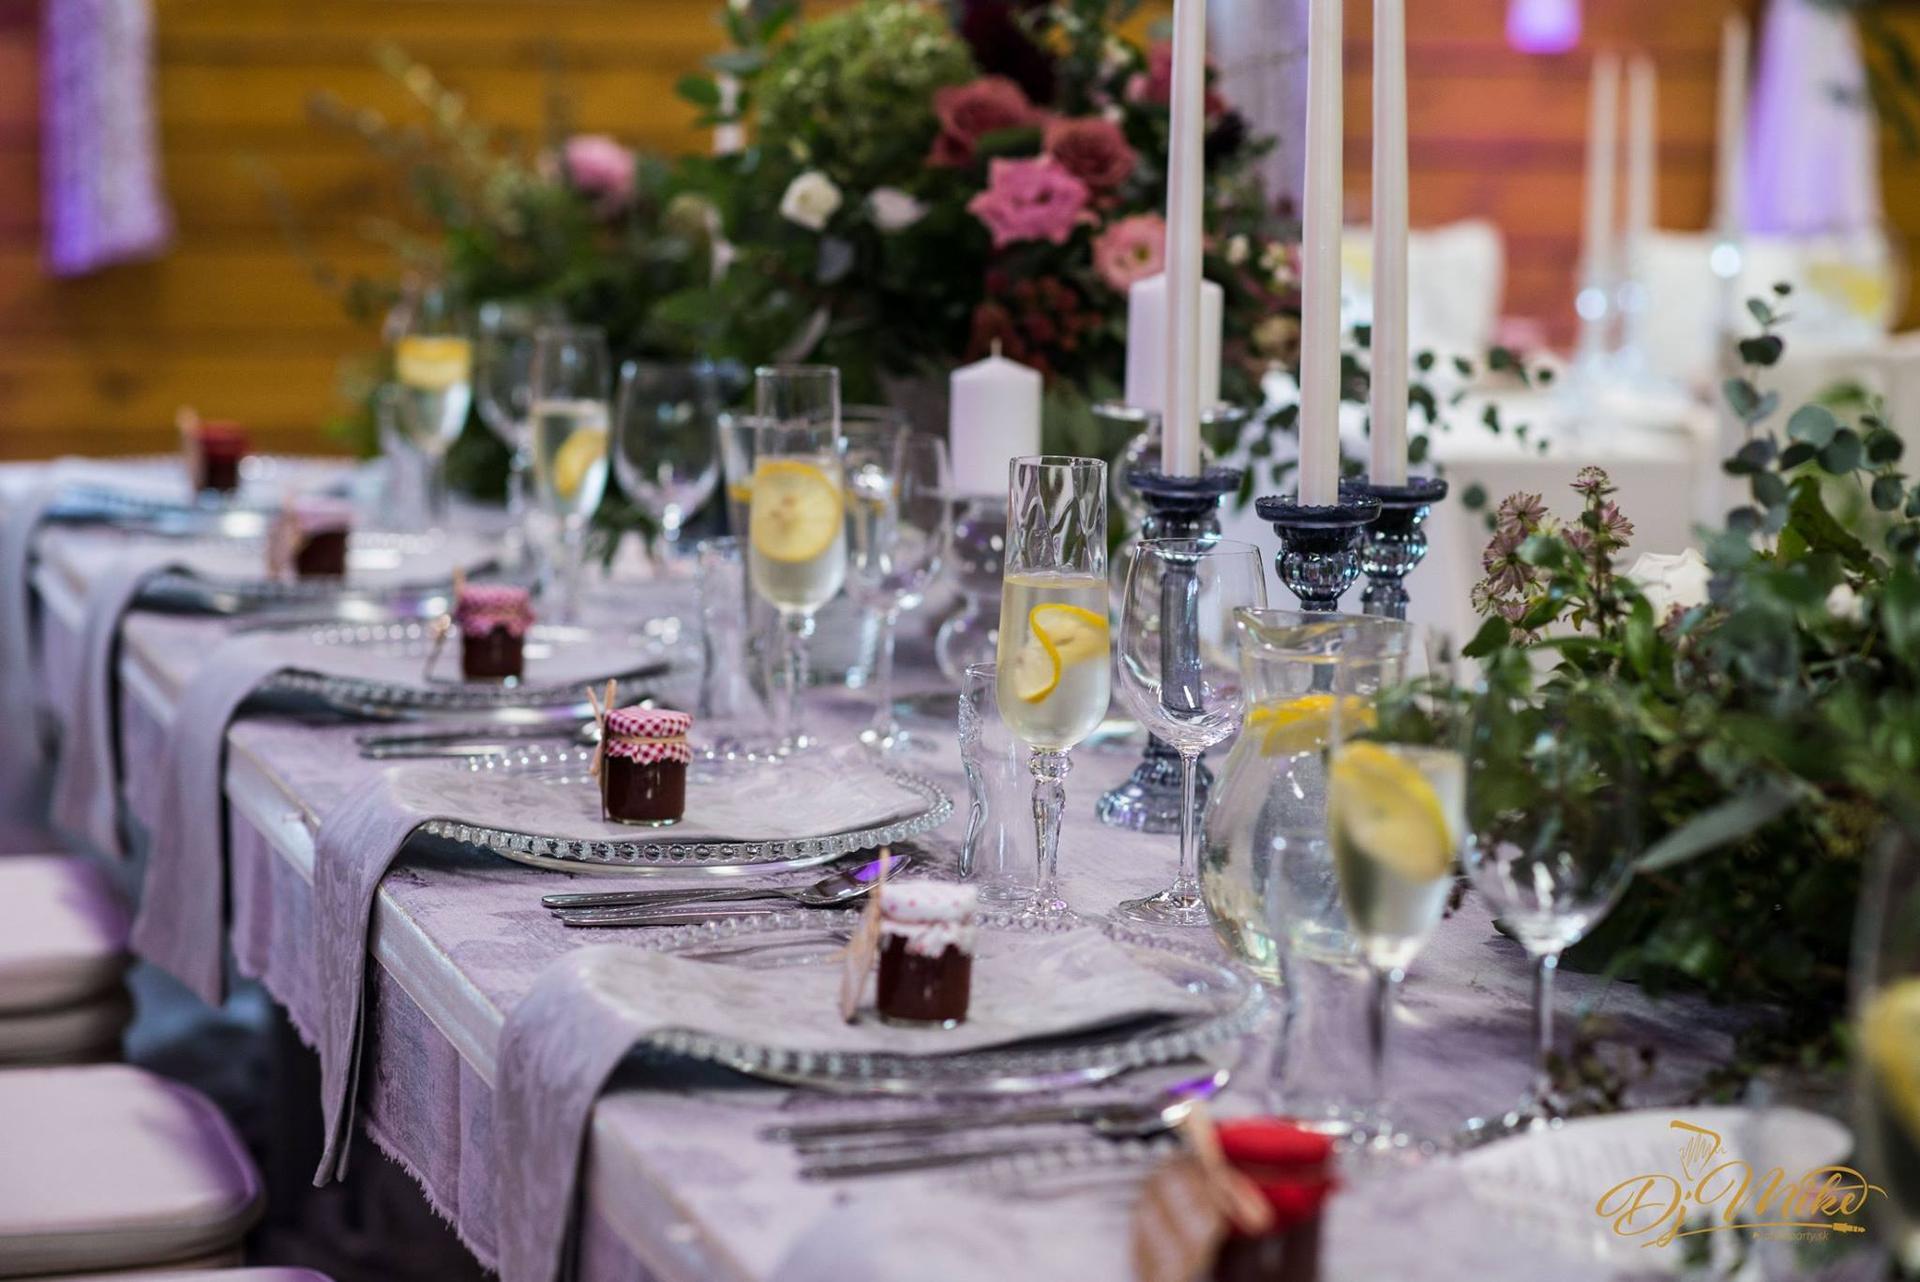 dekoračné sklenené taniere so striebornými guličkami na predaj, 6Eur/ks - Obrázok č. 1